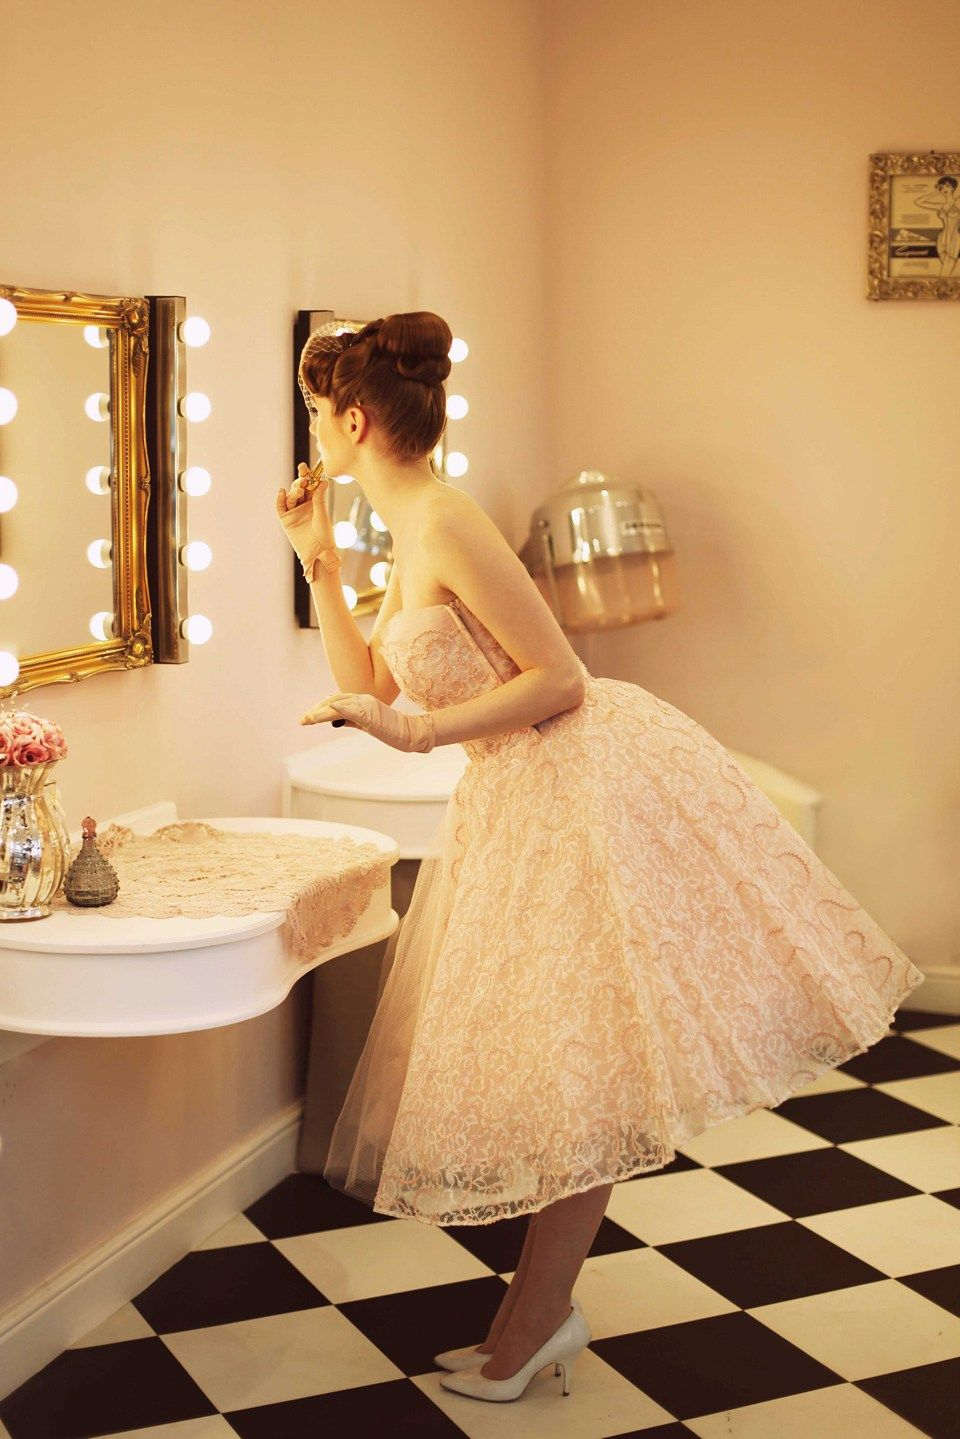 Elegant us fashion for the modern bride wedding day